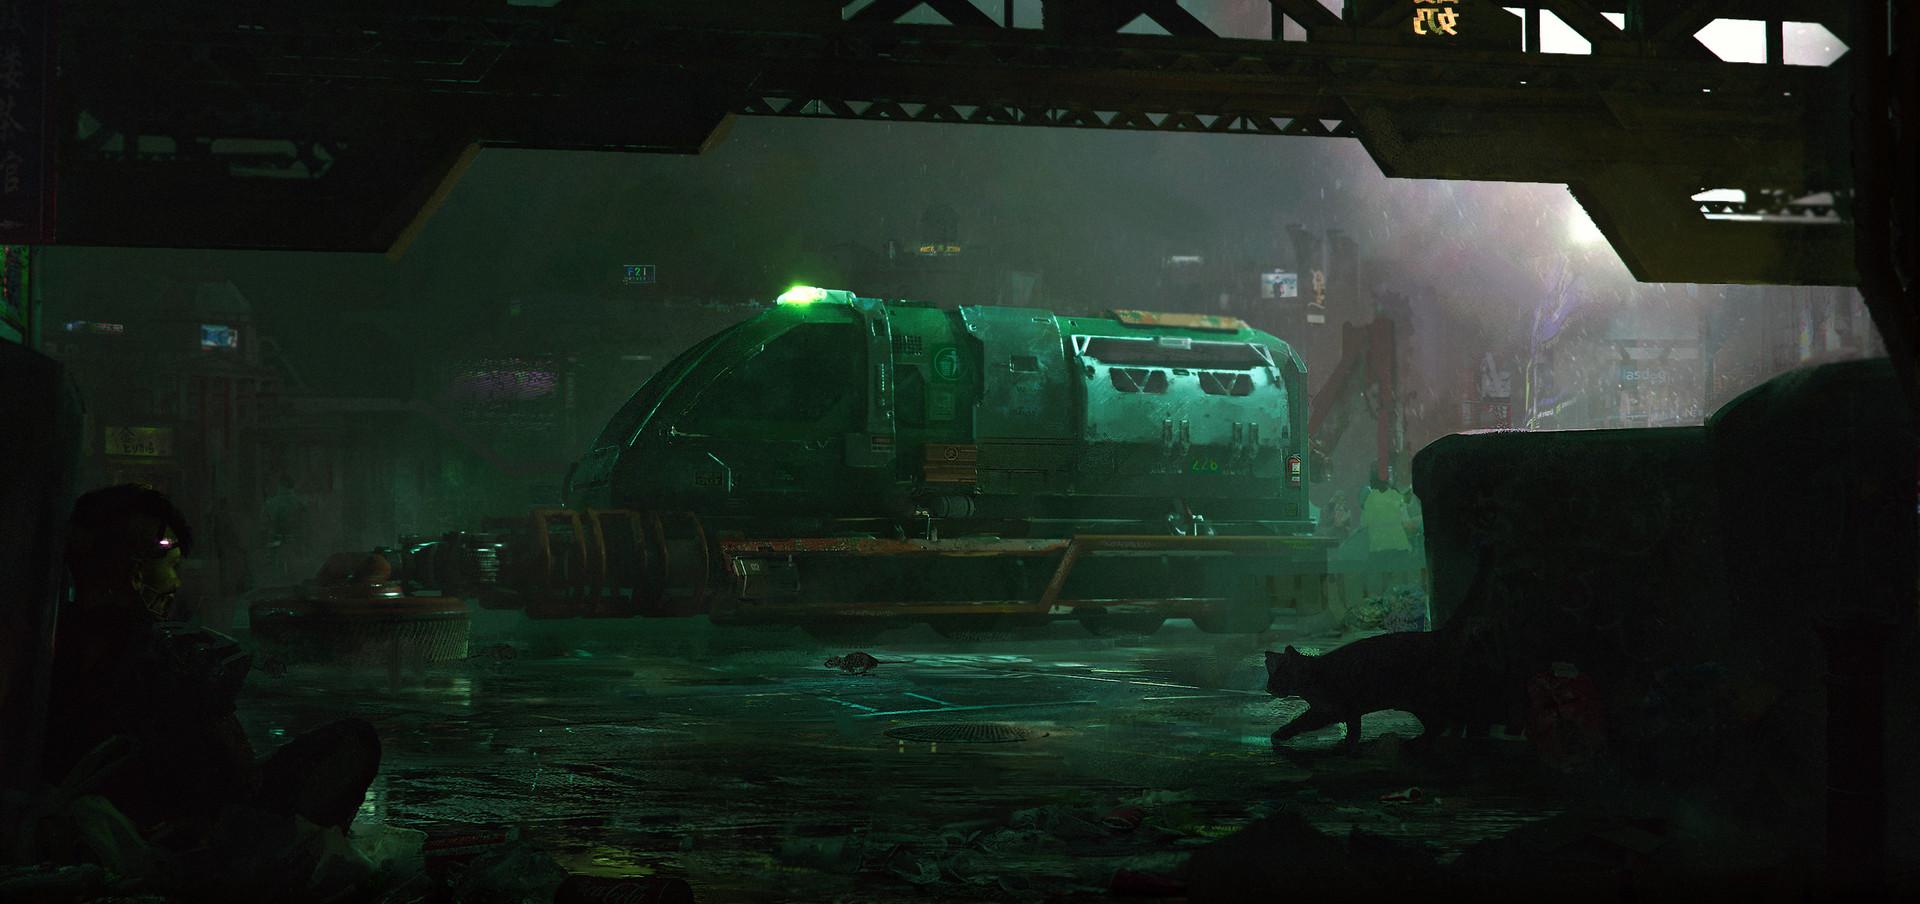 sergii-golotovskiy-cyberpunk-trashcar311